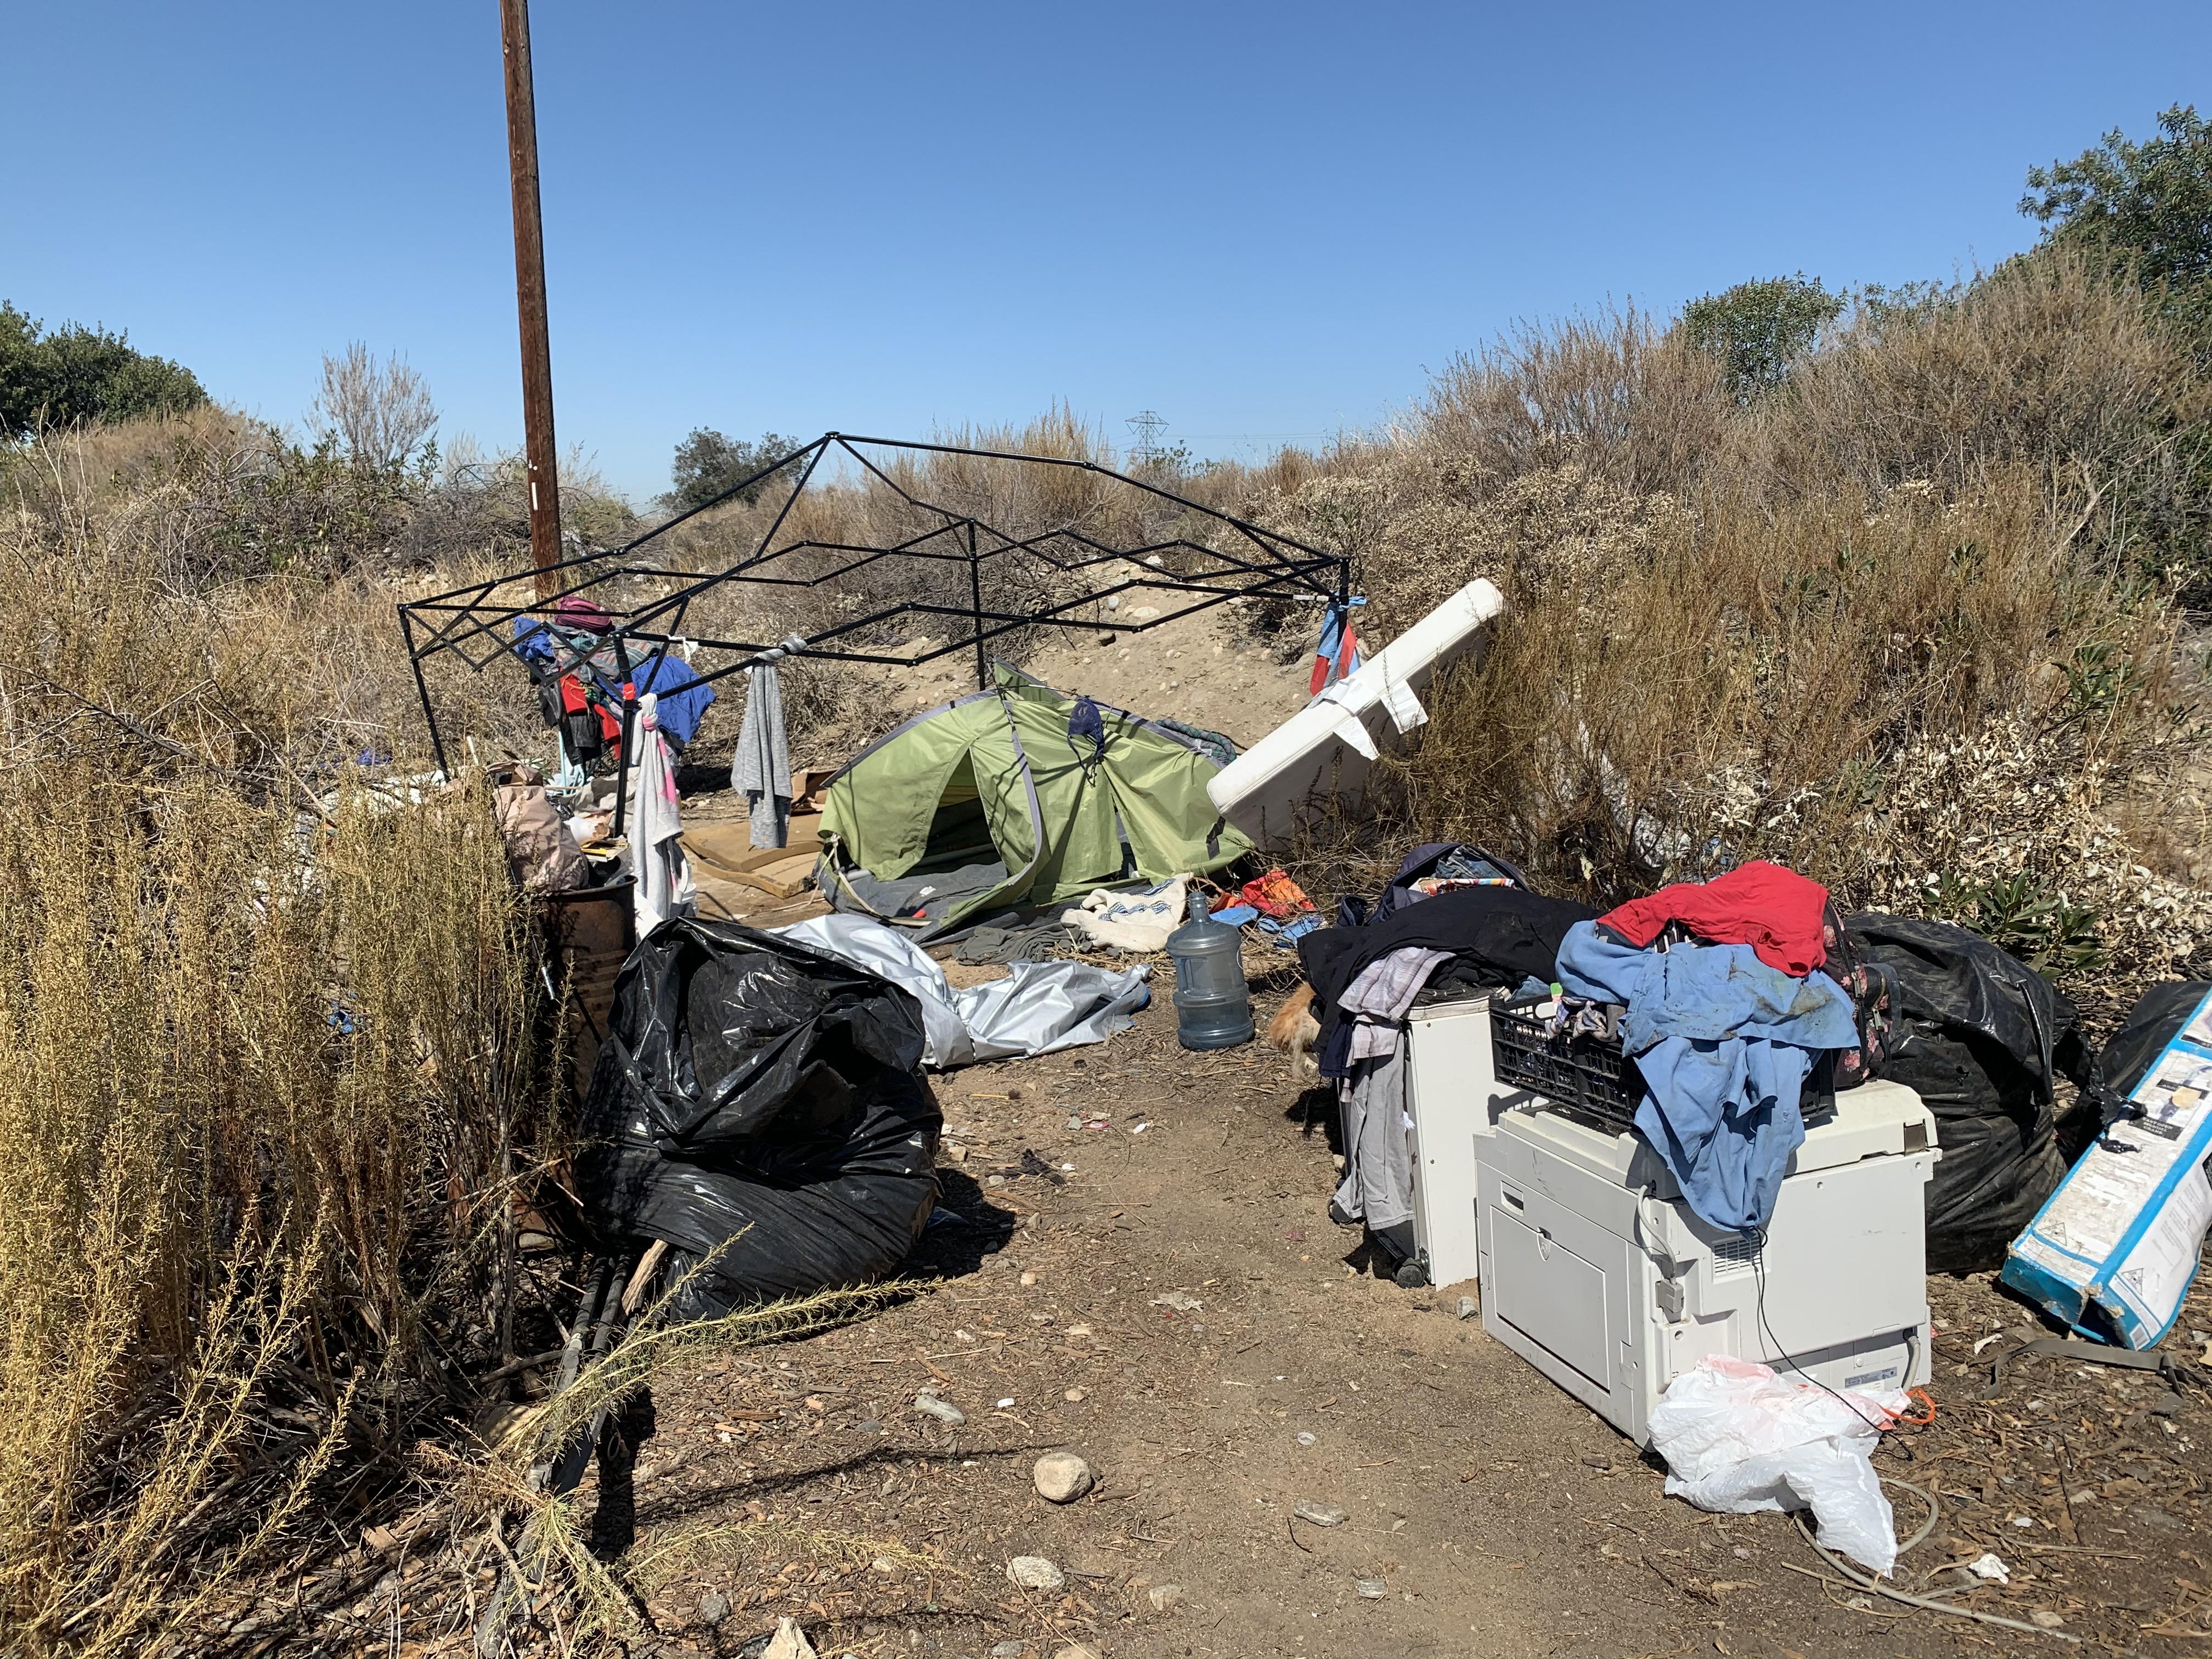 洛遊民營地大清理 警署出動運輸車及推土機